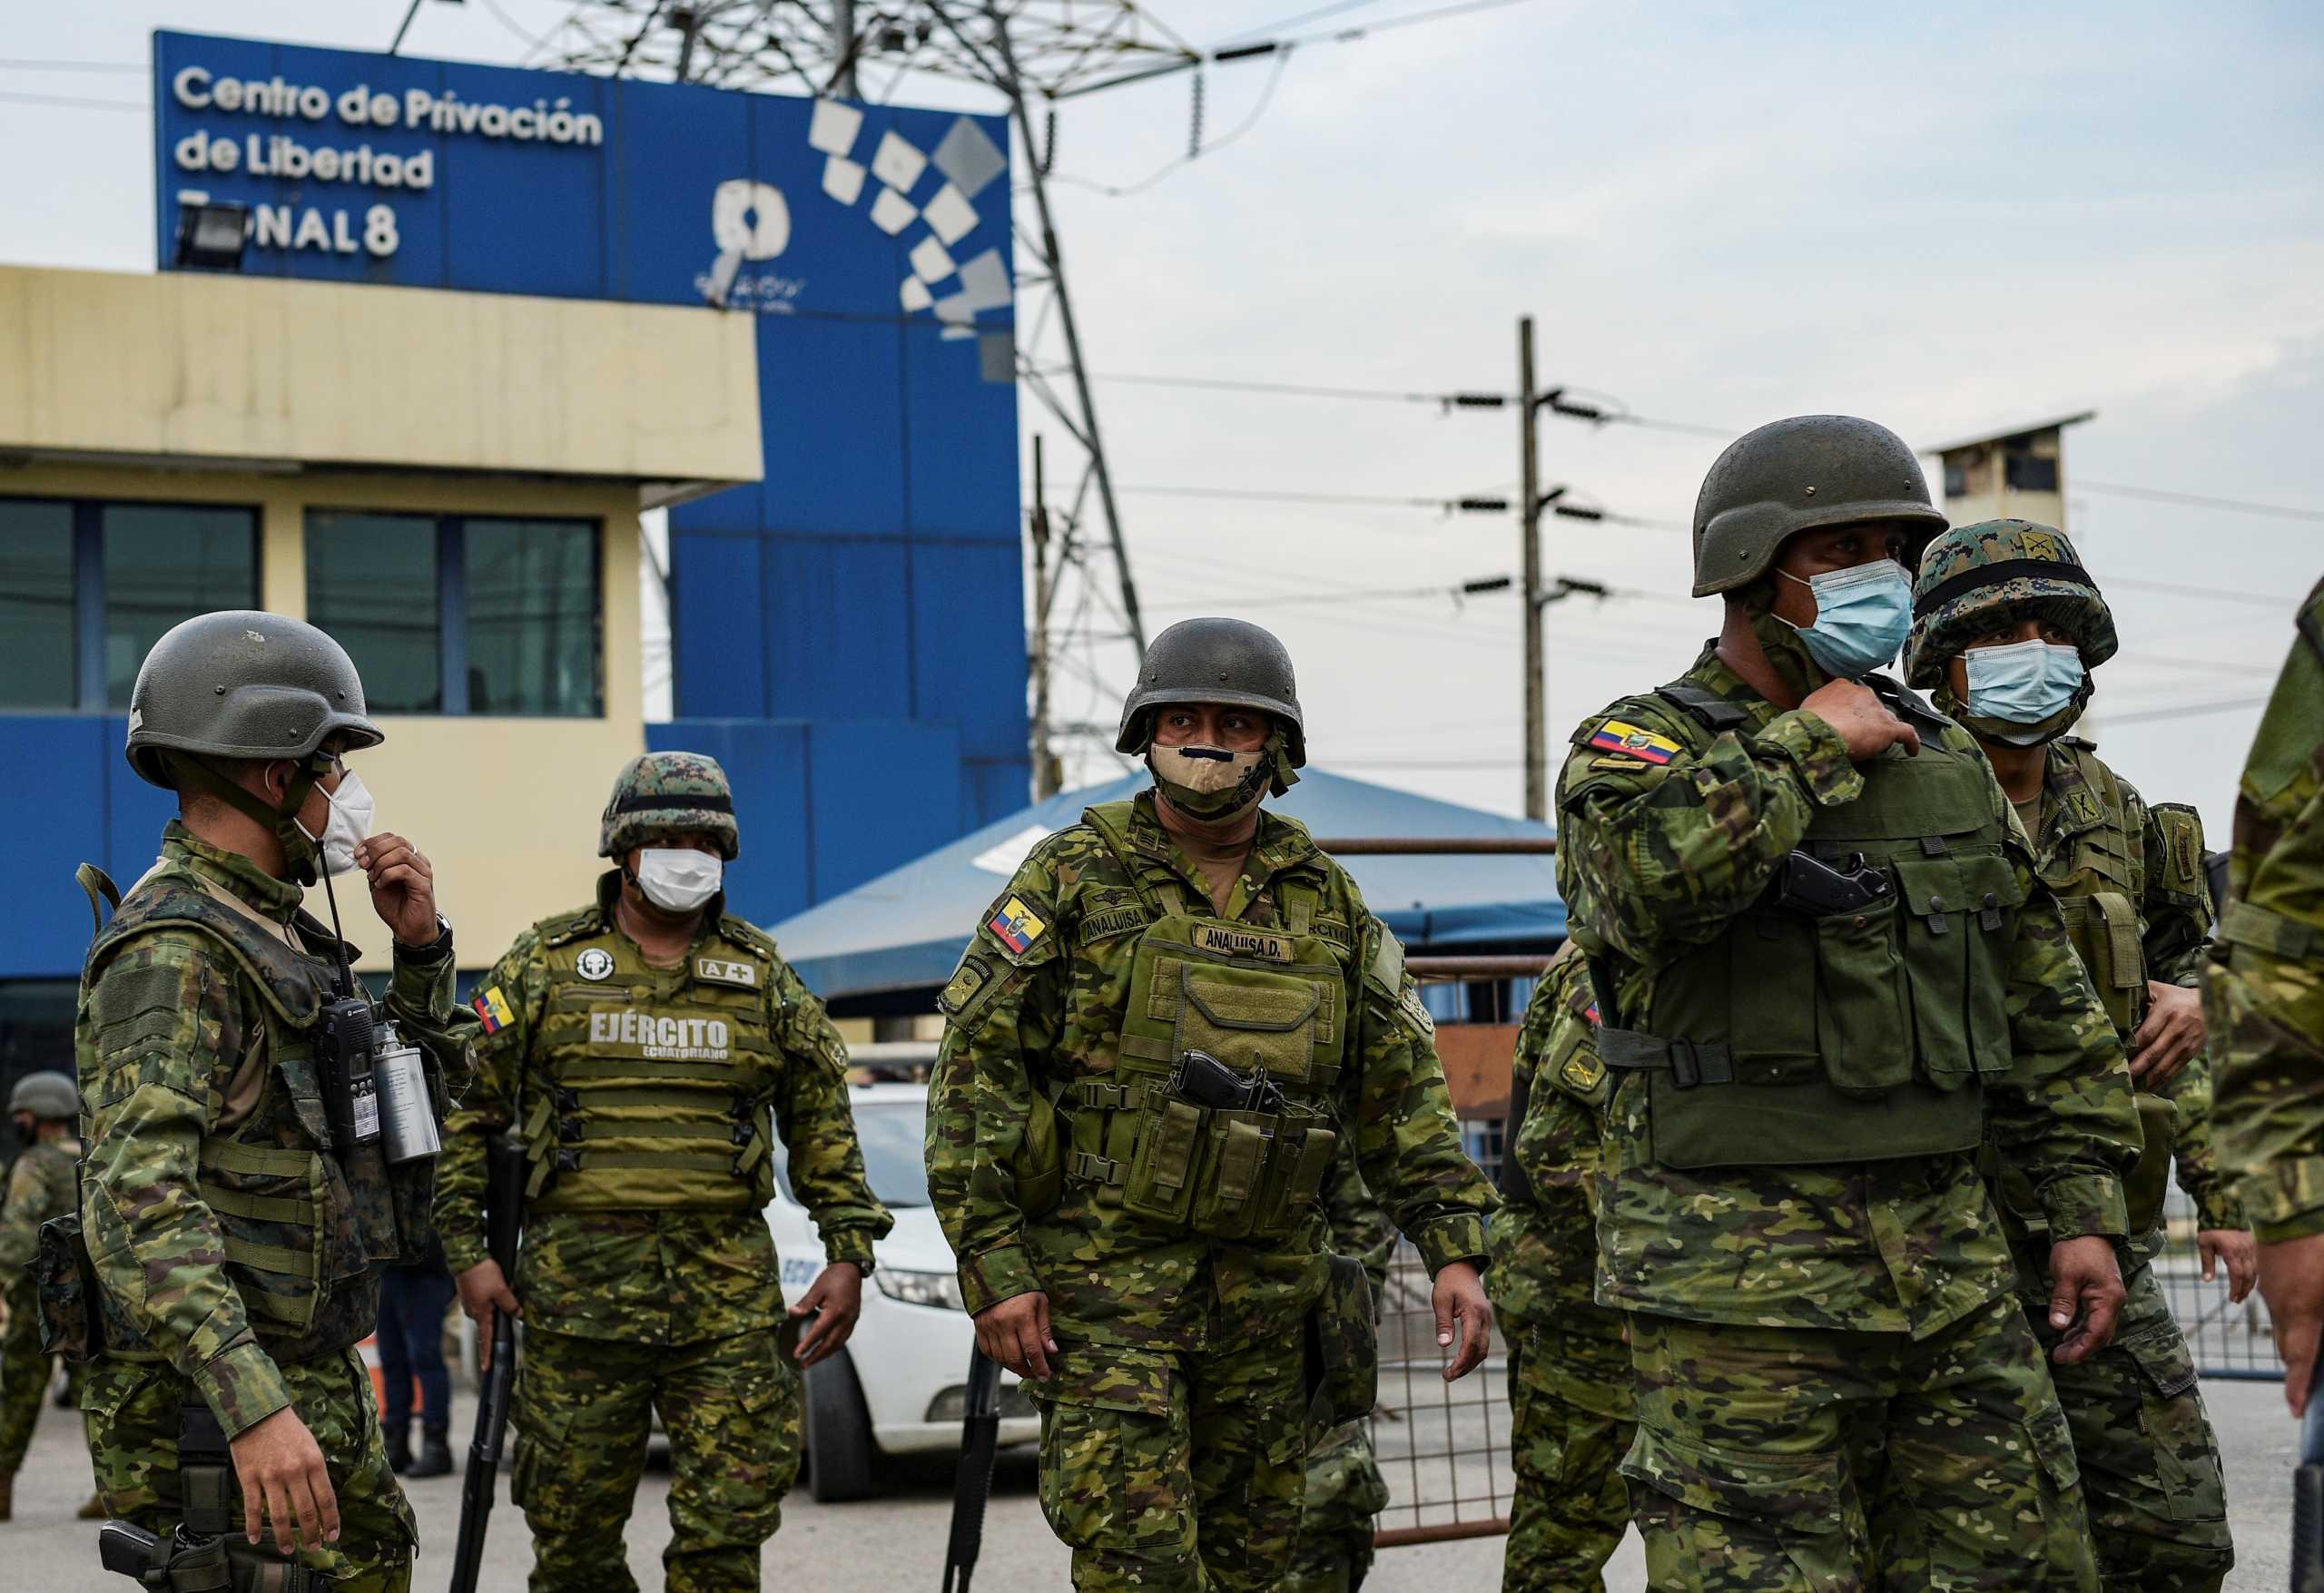 Εκουαδόρ: Πάνω από 60 οι νεκροί από τις εξεγέρσεις στις φυλακές (pics)